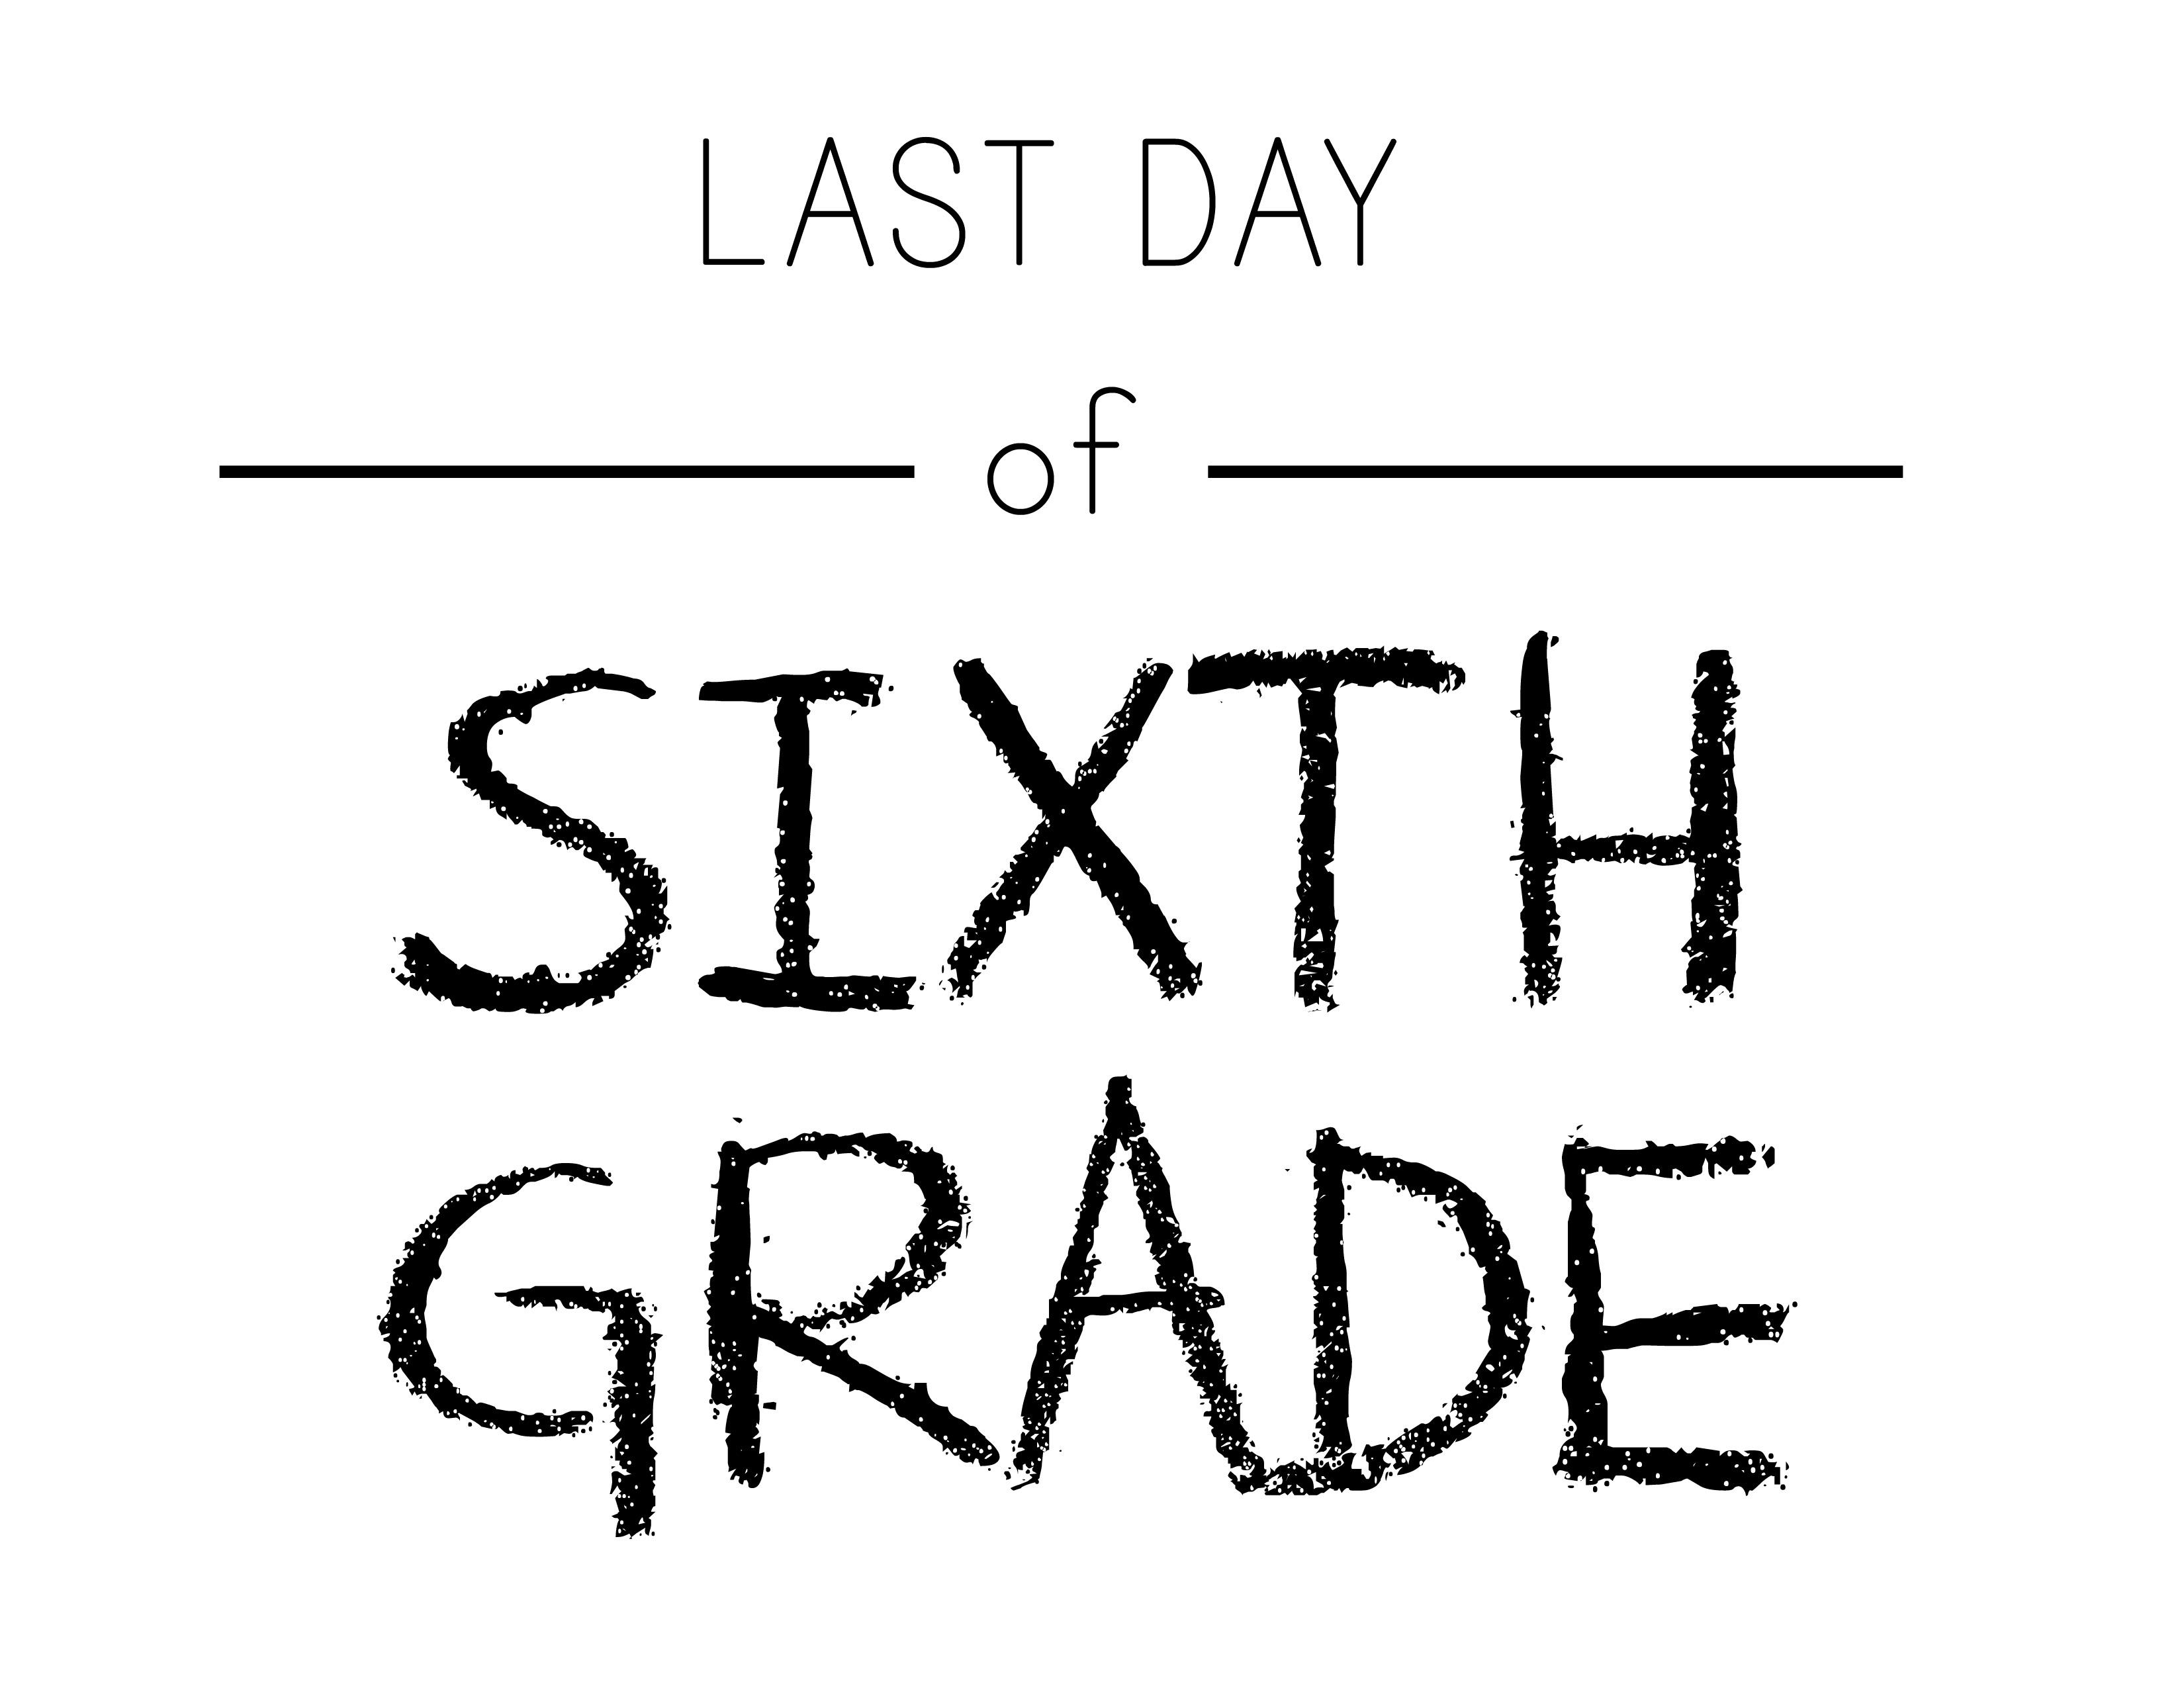 Worksheet Sixth Grade 6th grade clipart kid clip art image galleries imagekb com